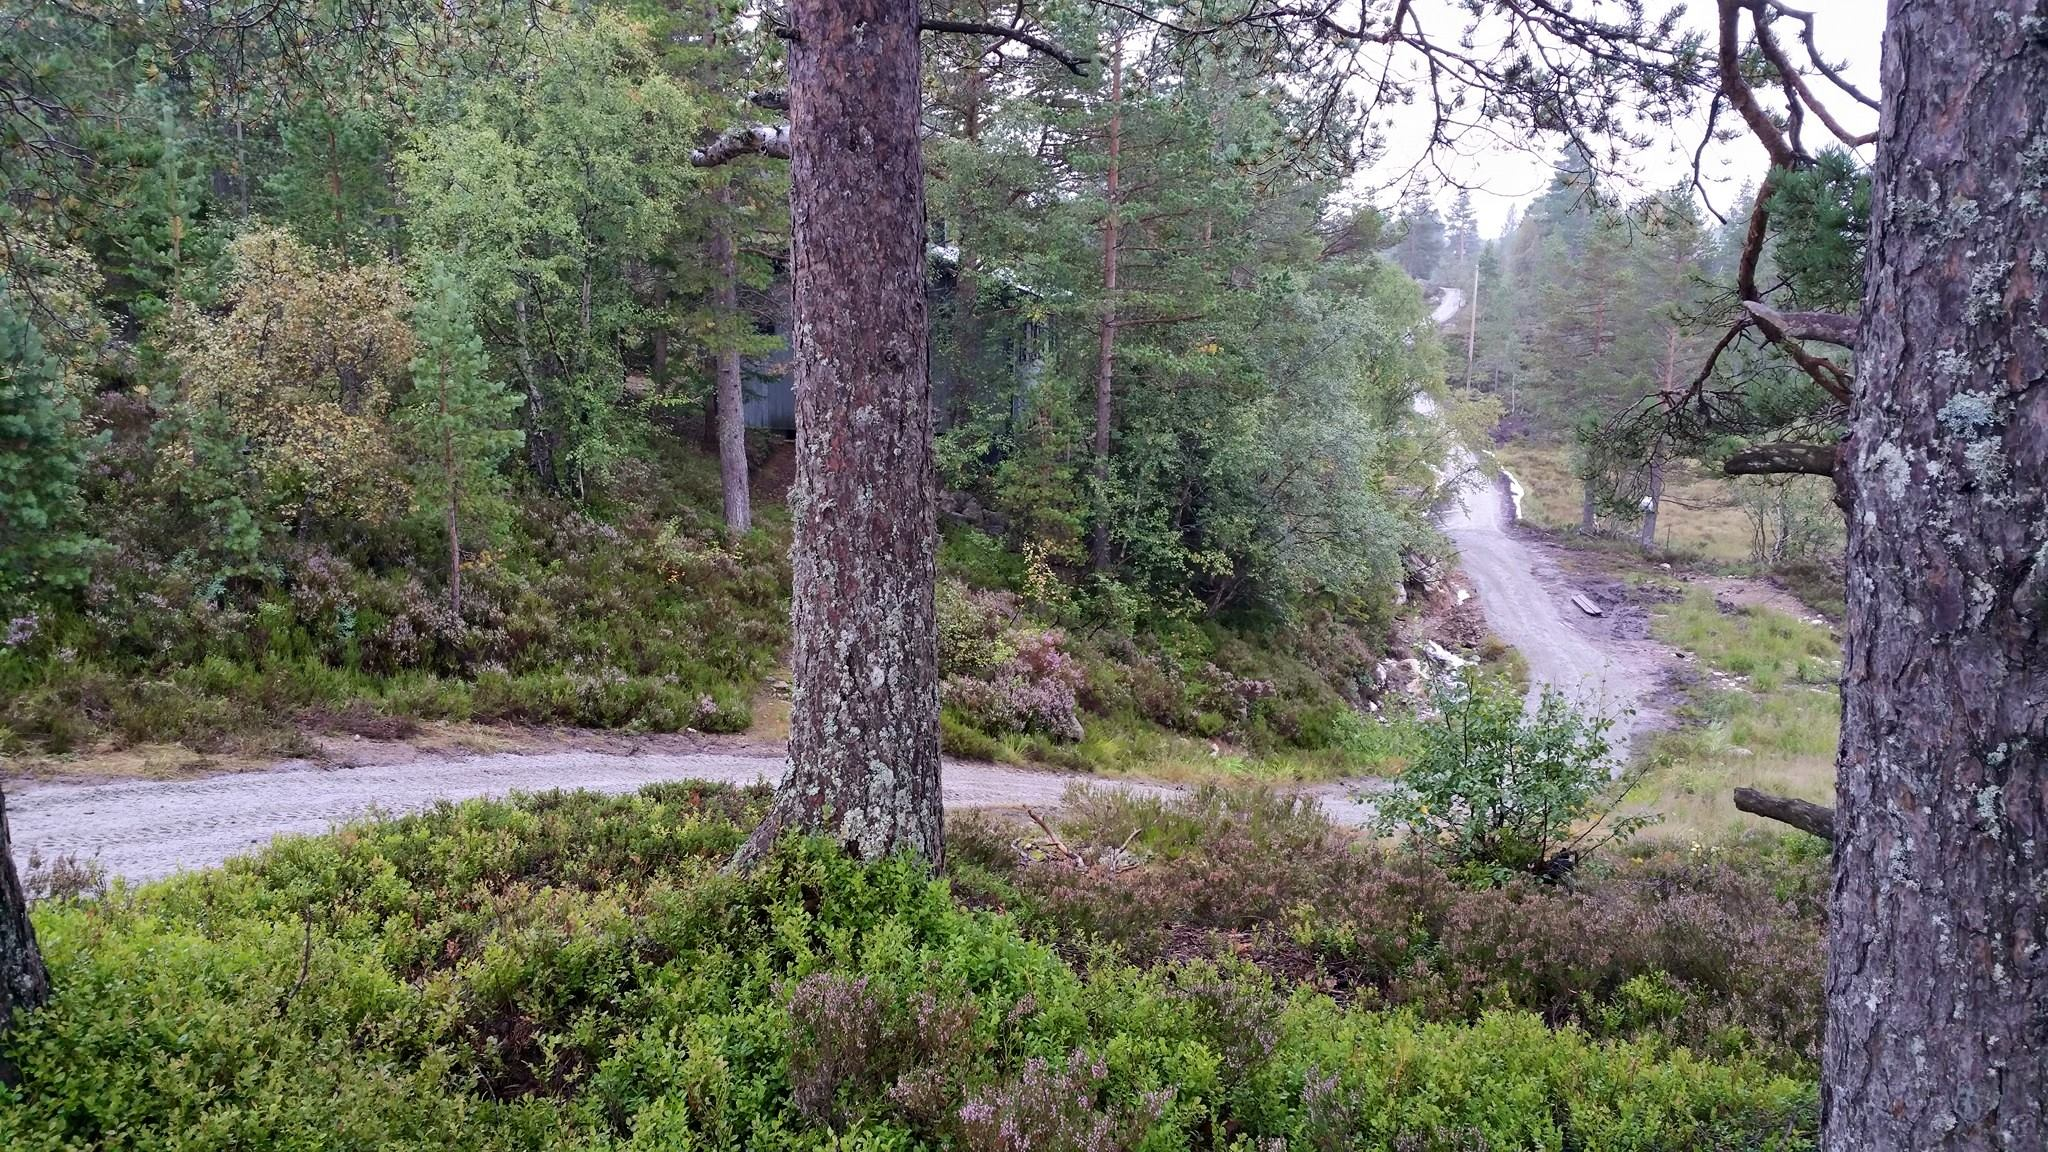 Gruset tur- og sykkelløype langs Bjørnen / Hestheiløpa løypa